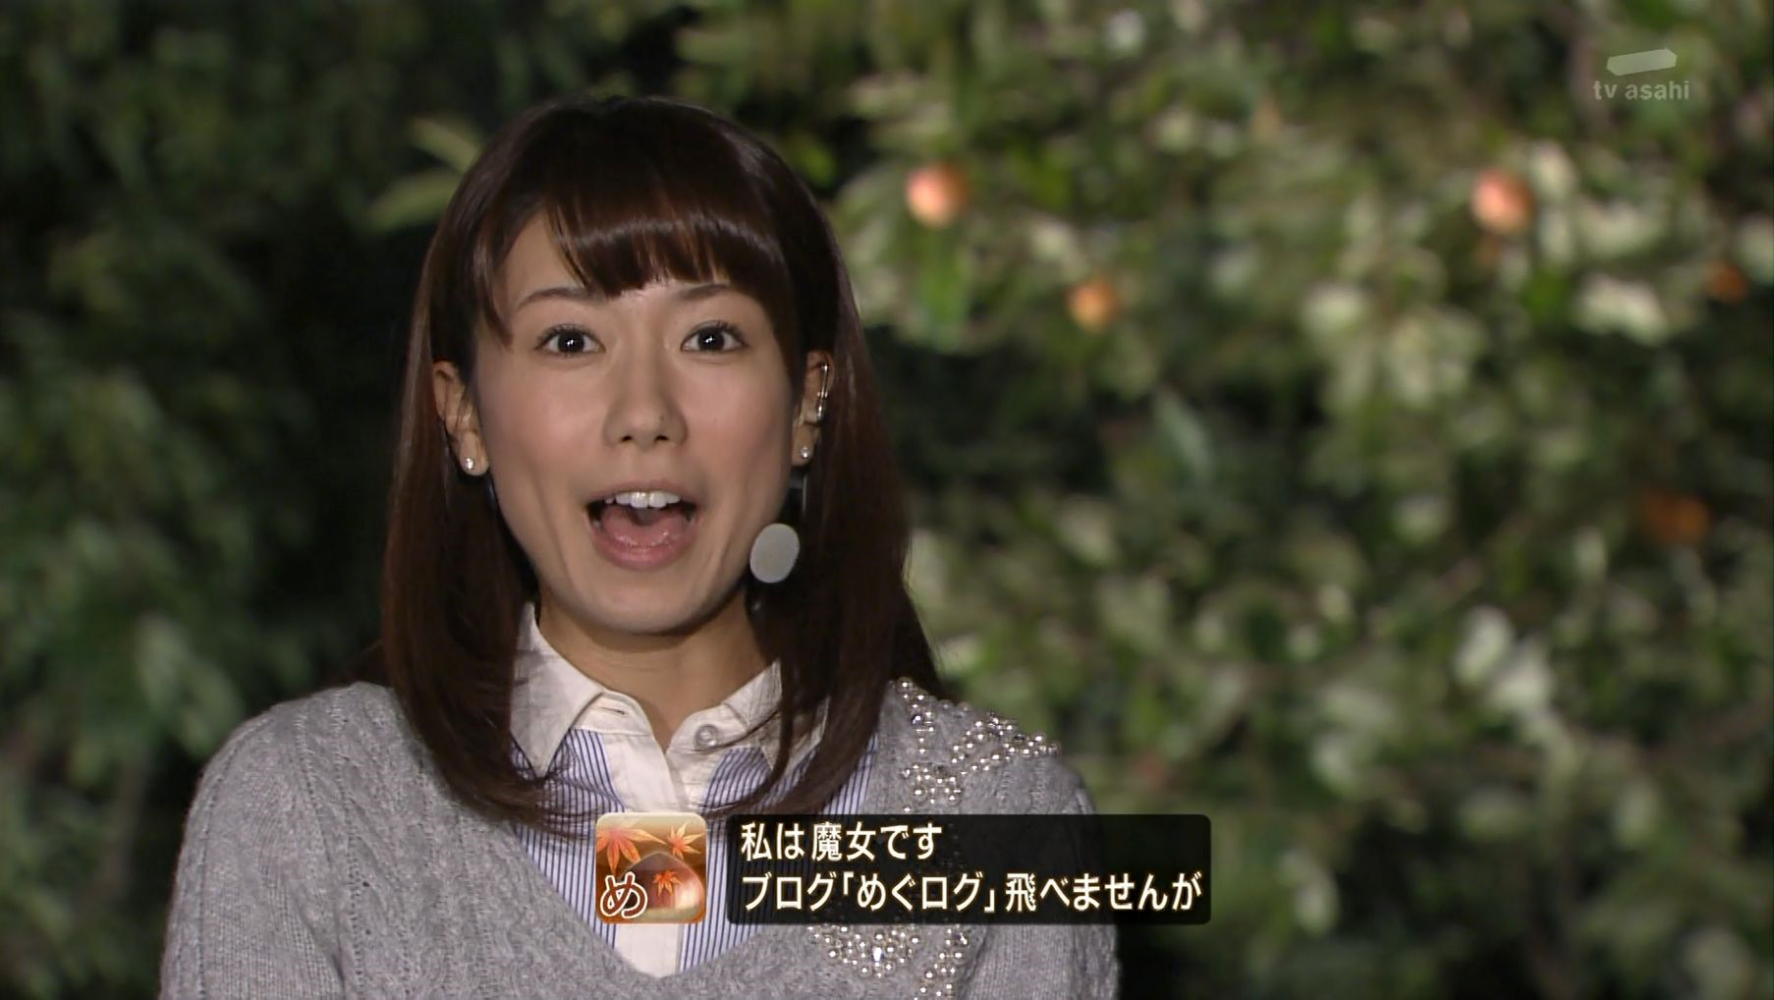 青山愛 (アナウンサー)の画像 p1_35